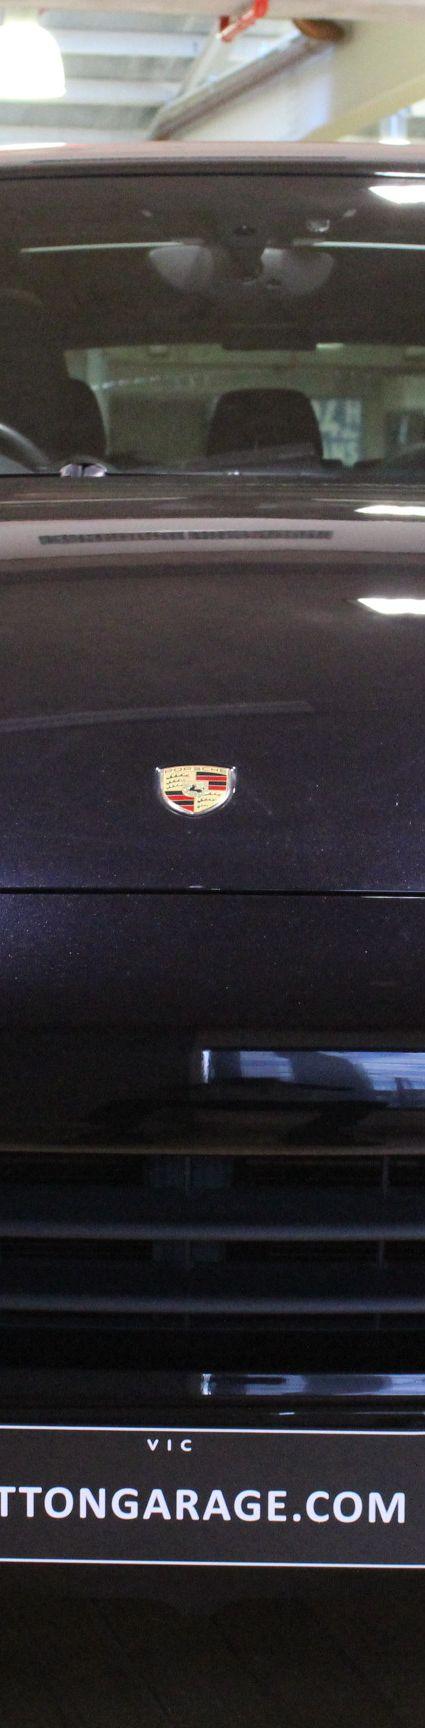 2011 PORSCHE CAYENNE 92A MY12 TIPTRONIC RESIZED